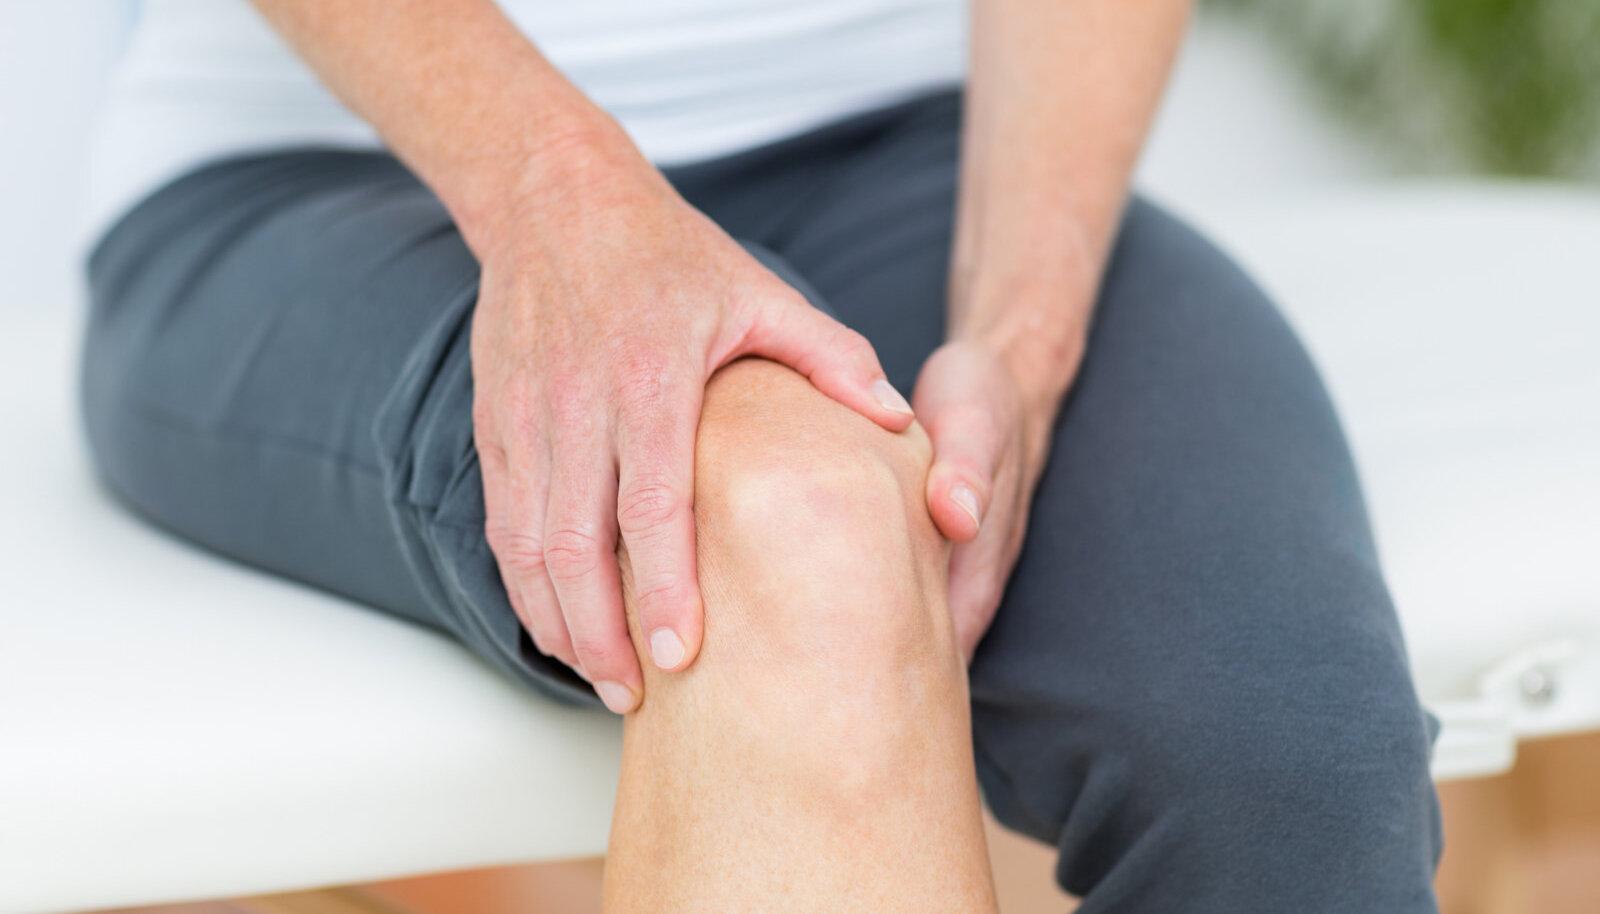 Folk Medicine artriit ola sailitab Kuidas kiiresti eemaldada valu lihases ja liigestes